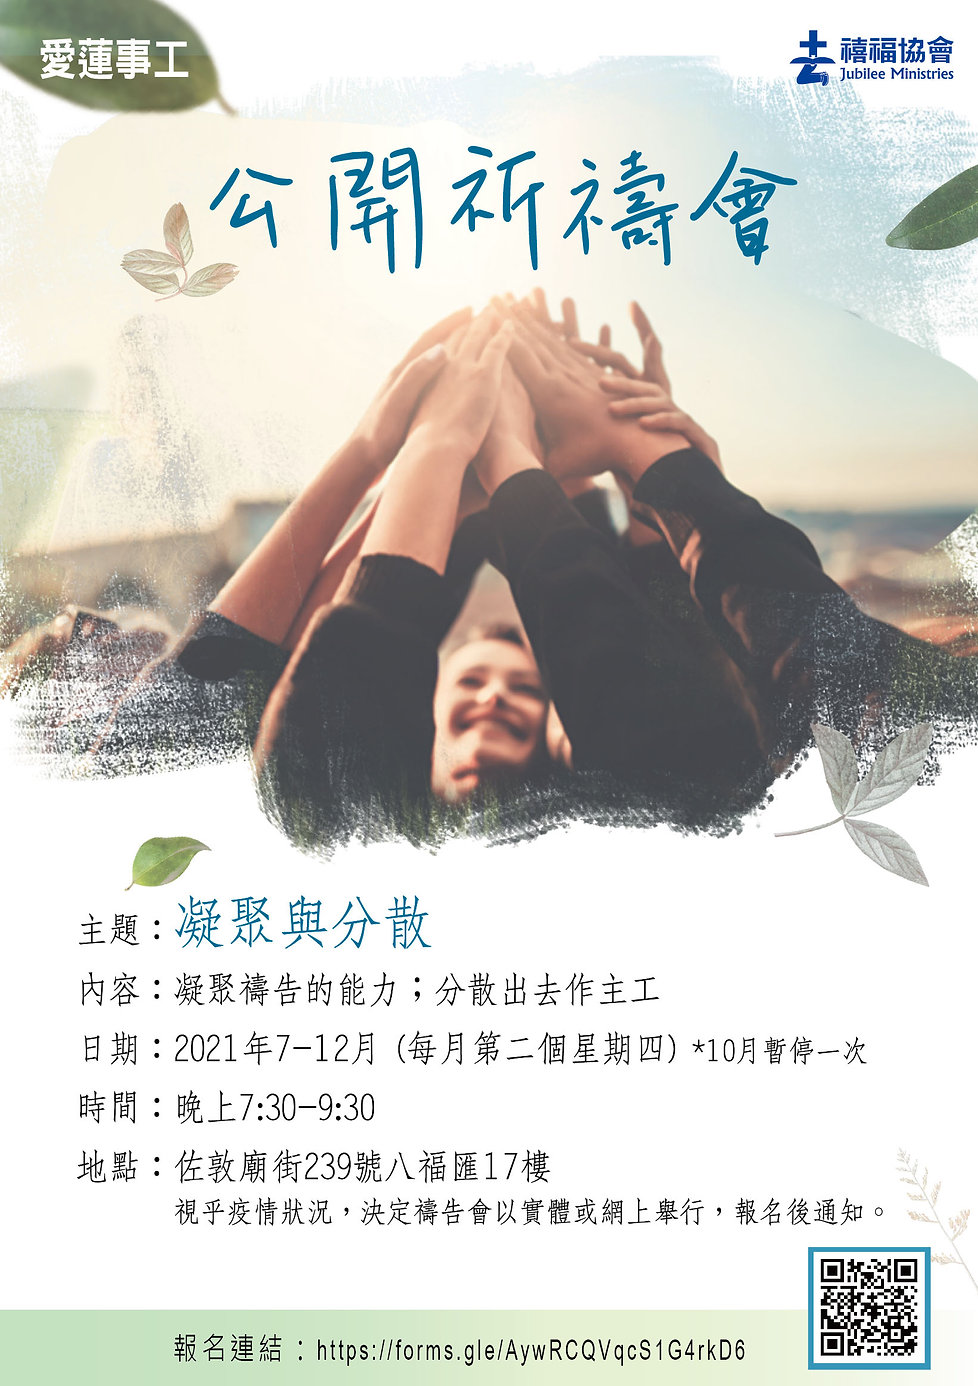 2021_愛蓮祈禱會_7-12月.jpg